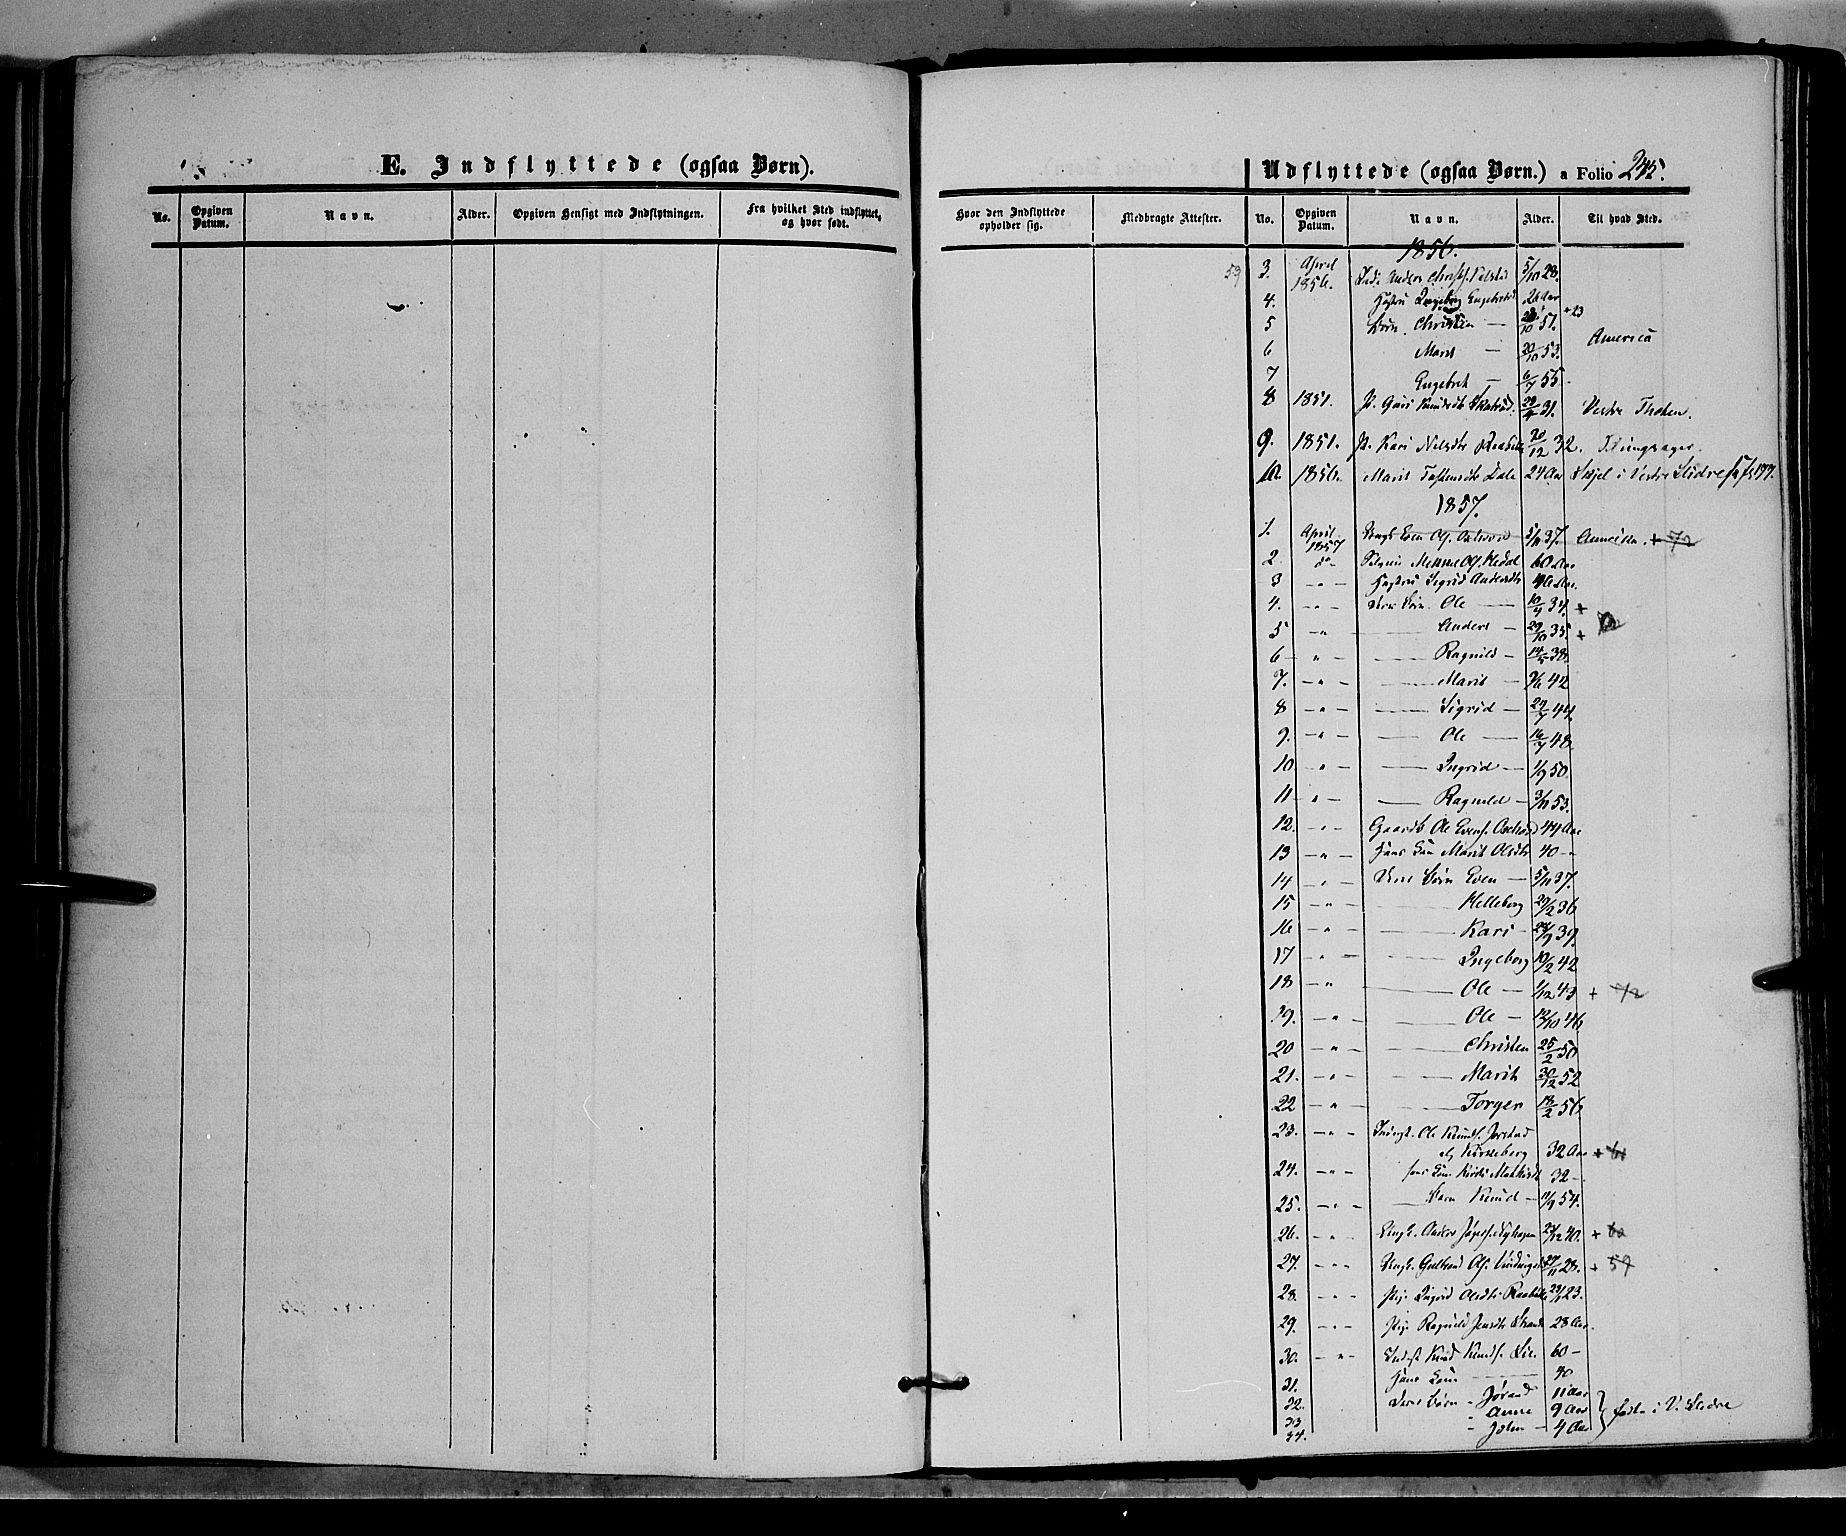 SAH, Øystre Slidre prestekontor, Ministerialbok nr. 1, 1849-1874, s. 244